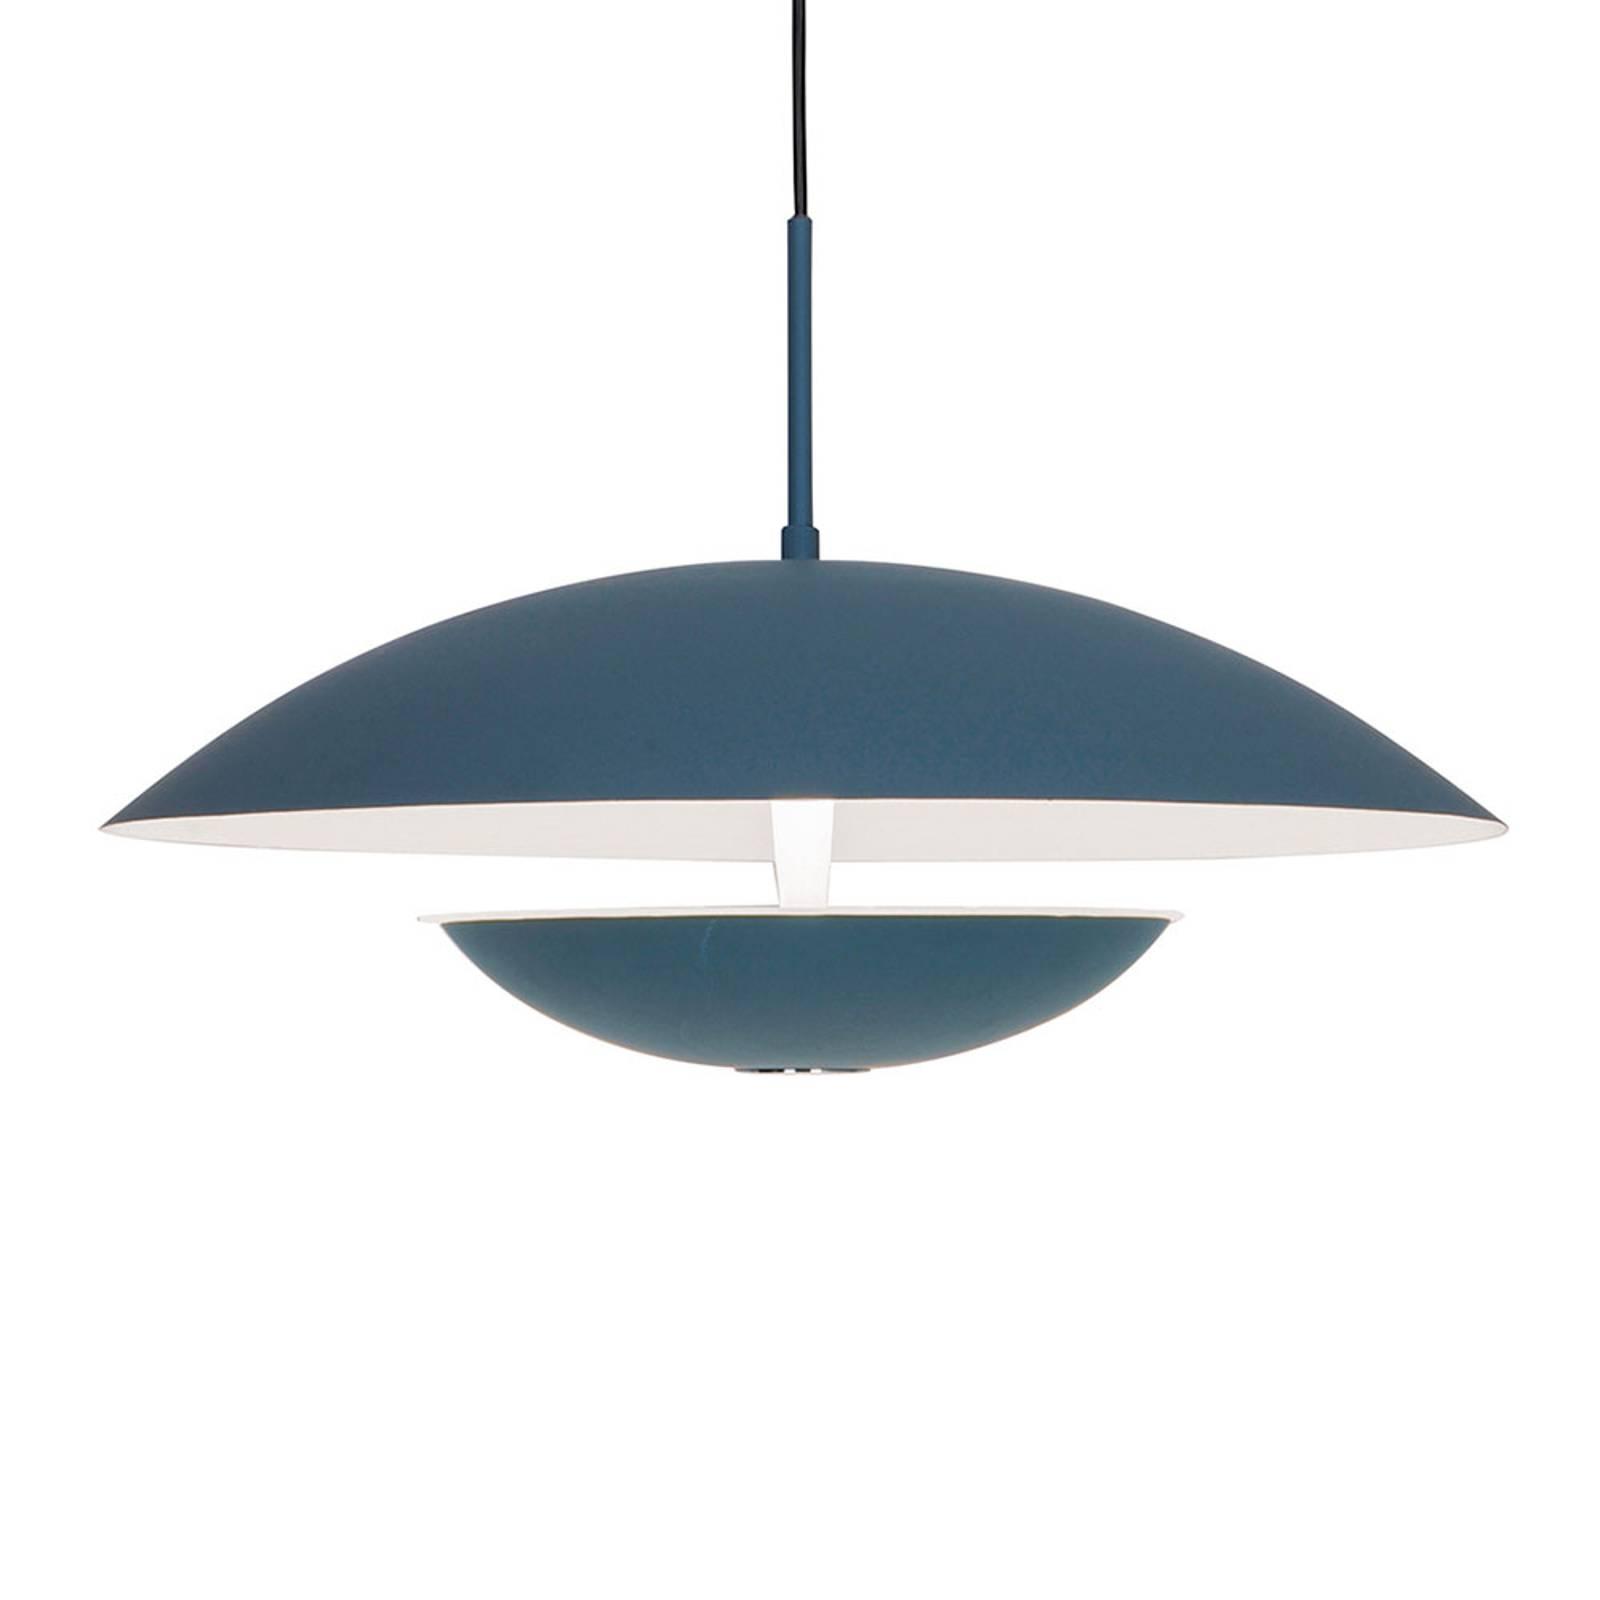 LED-Hängeleuchte Monica, grau/weiß